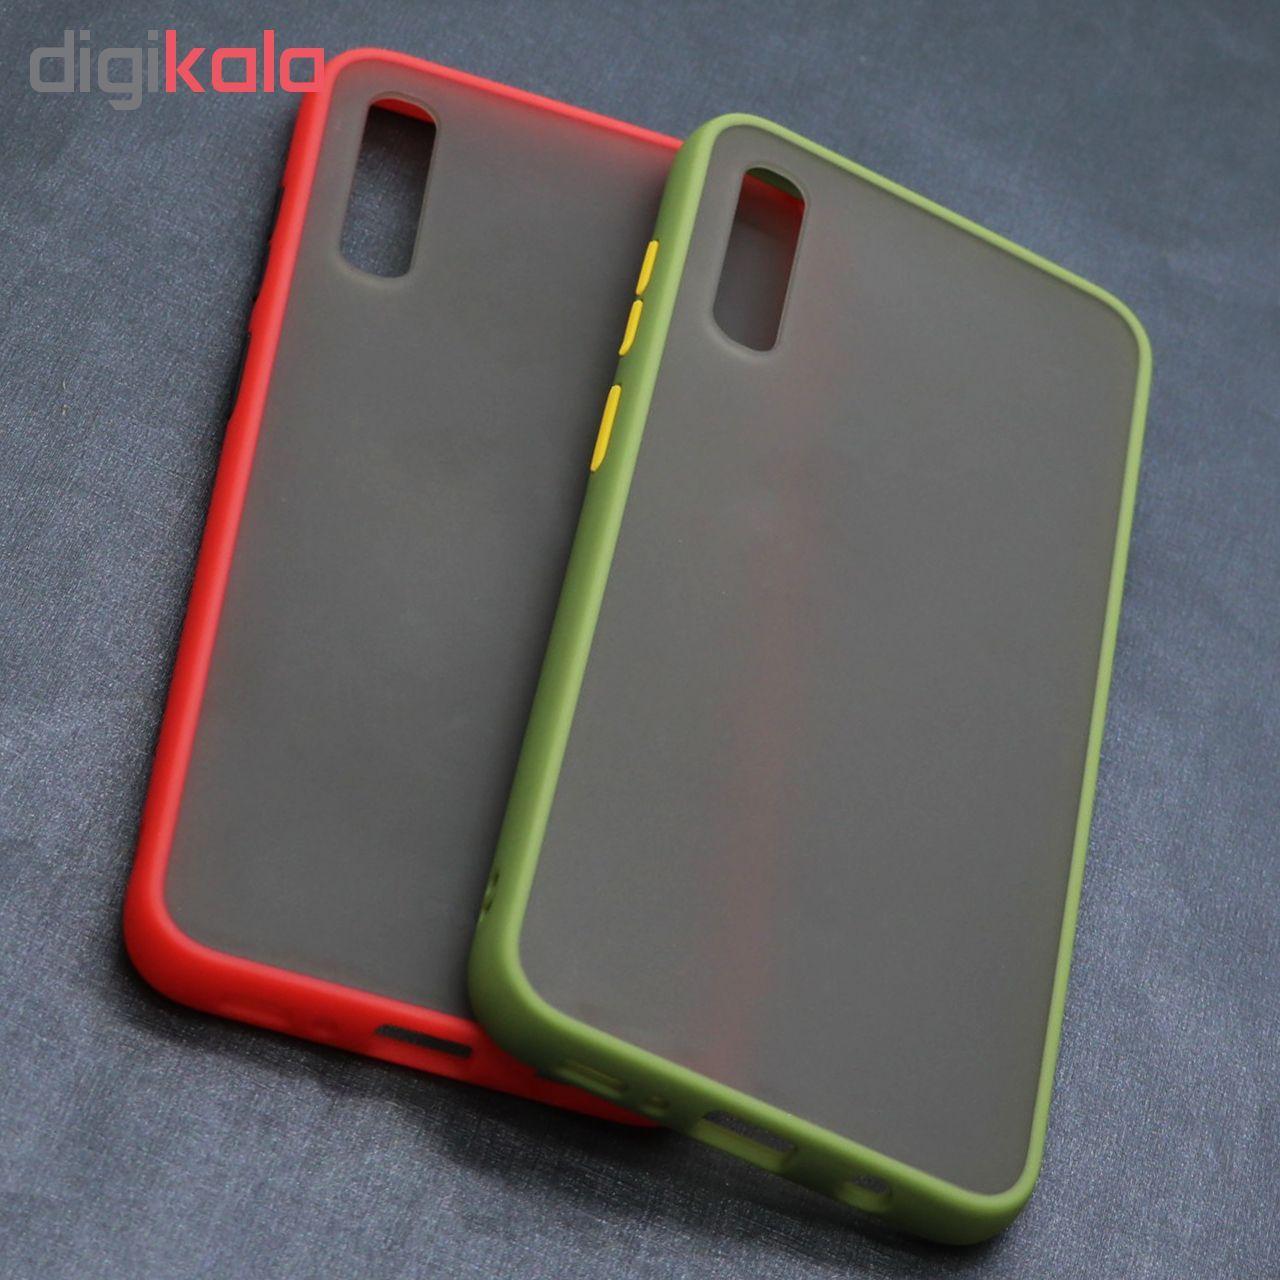 کاور مدل Sb-001 مناسب برای گوشی موبایل سامسونگ Galaxy A70 main 1 3